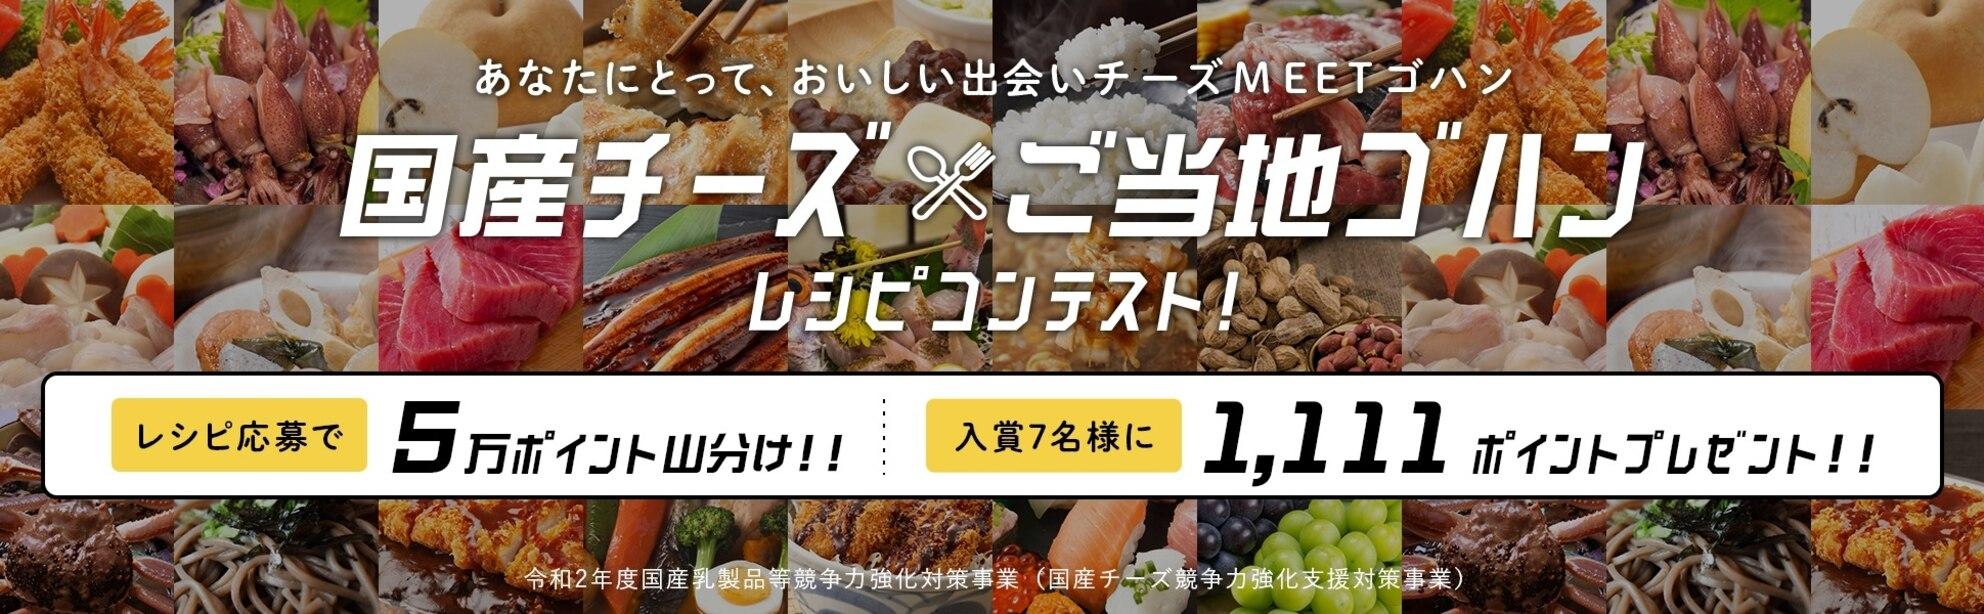 「『国産チーズ×ご当地グルメ』or『国産チーズ×ご当地食材』のレシピ」を大募集 キャンペーン